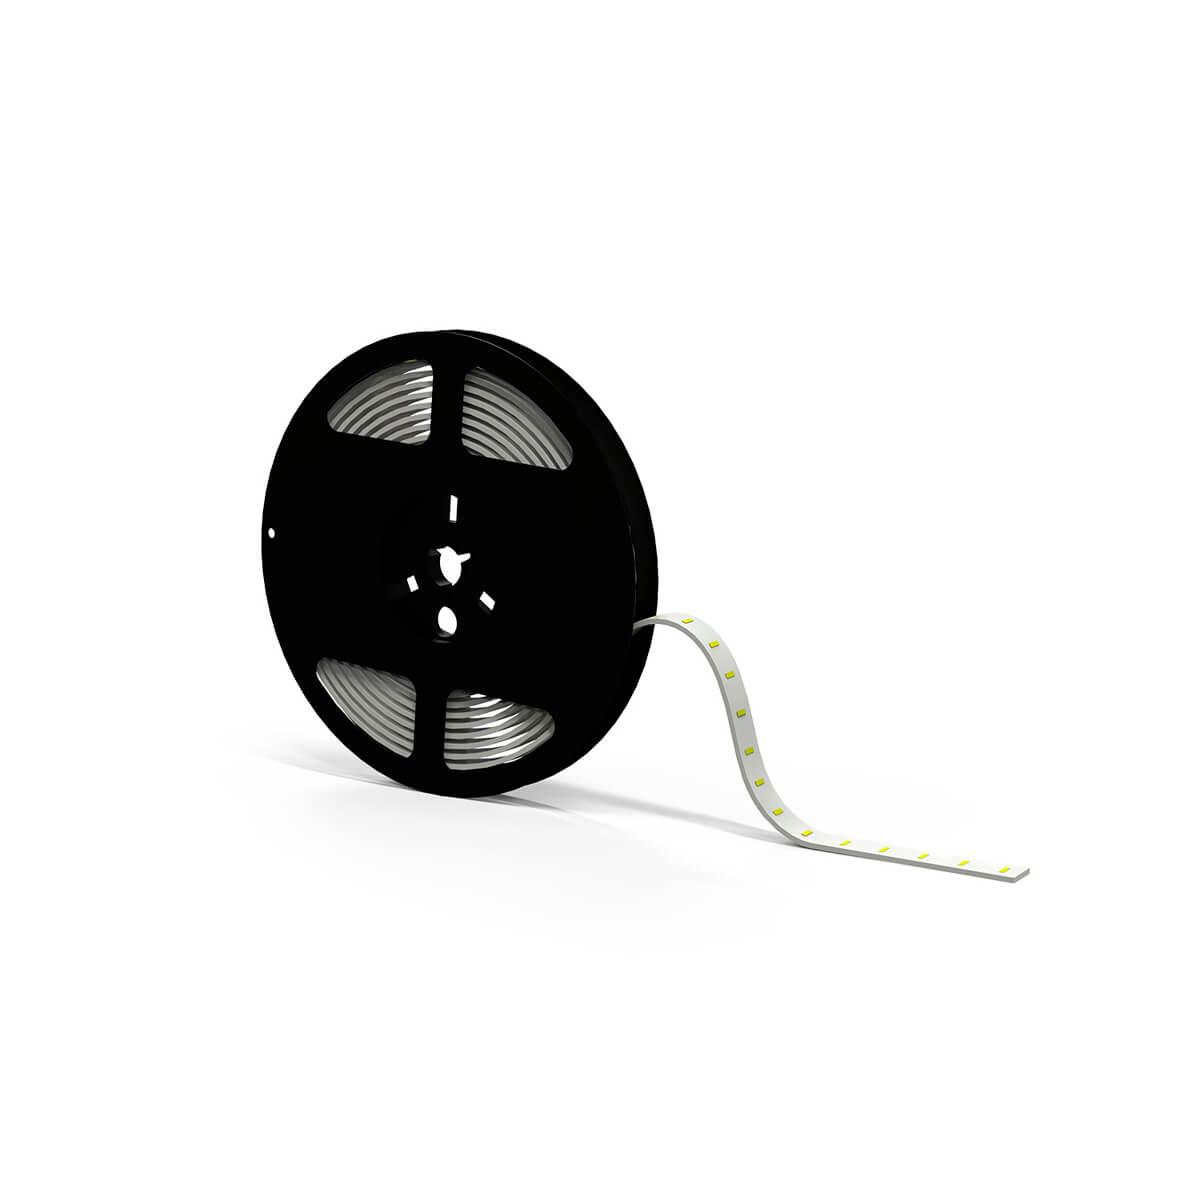 Светодиодная влагозащищенная лента Gauss 4,8W/m 60LED/m 2835SMD холодный белый 5M 311000305 цена